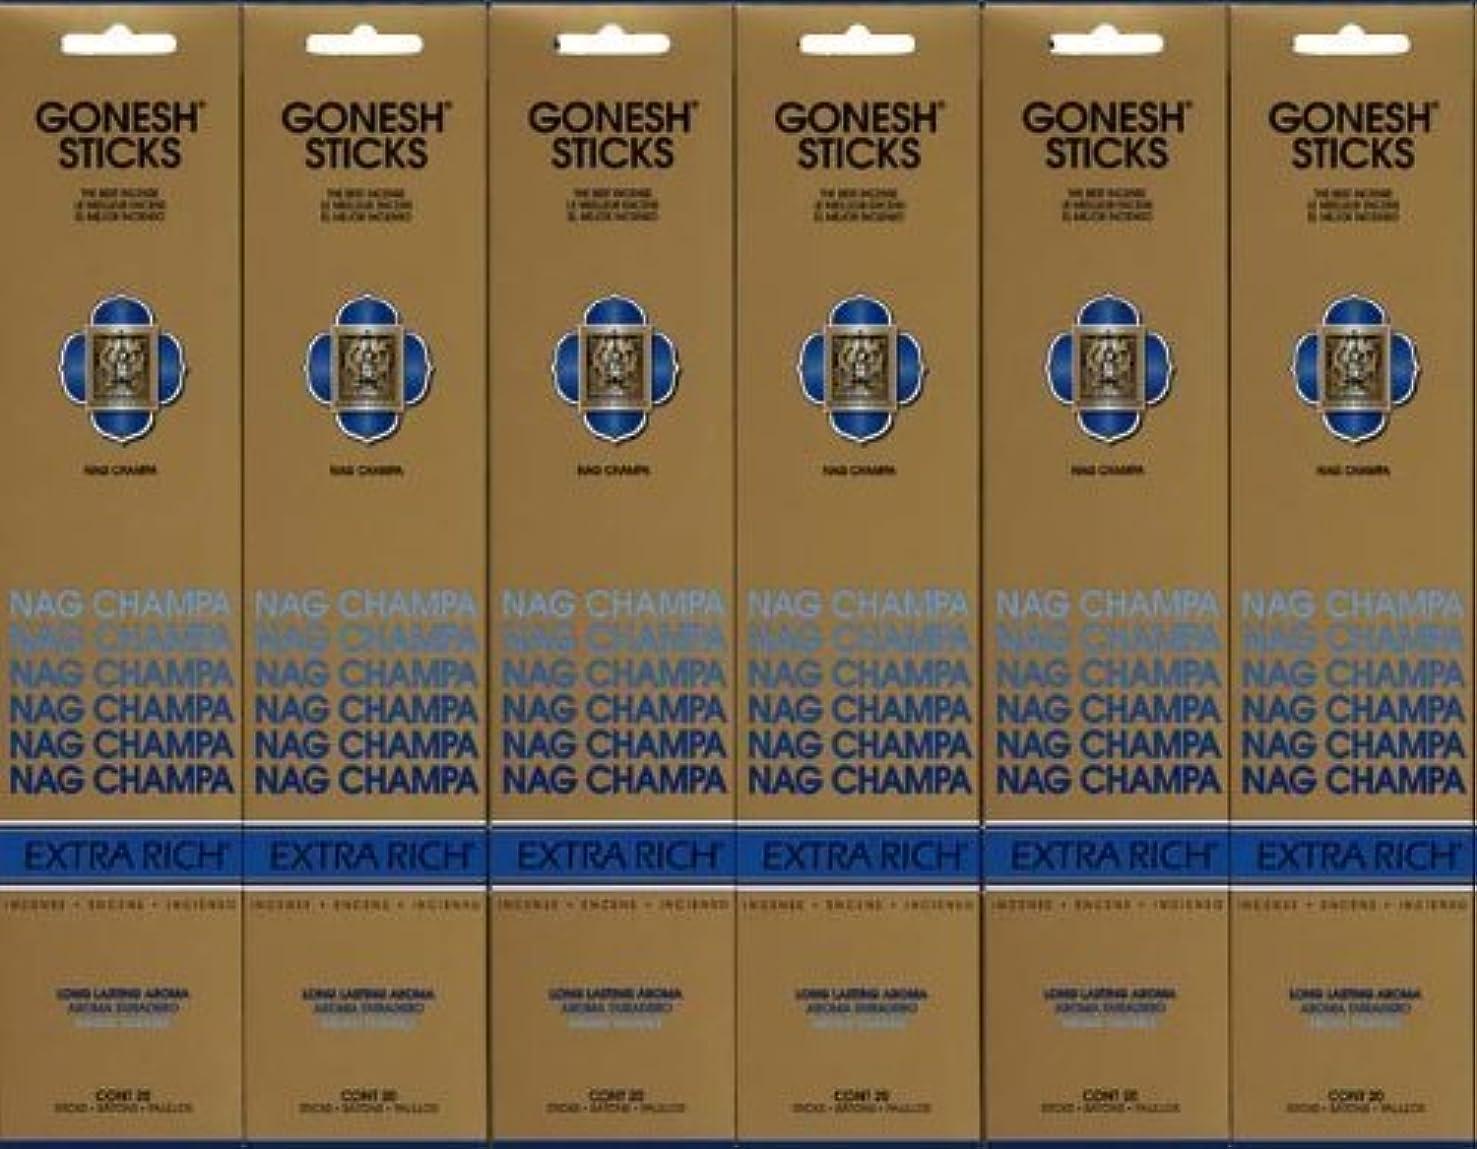 機会馬鹿装備するGONESH NAG CHAMPA ナグチャンパ スティック 20本入り X 6パック (120本)